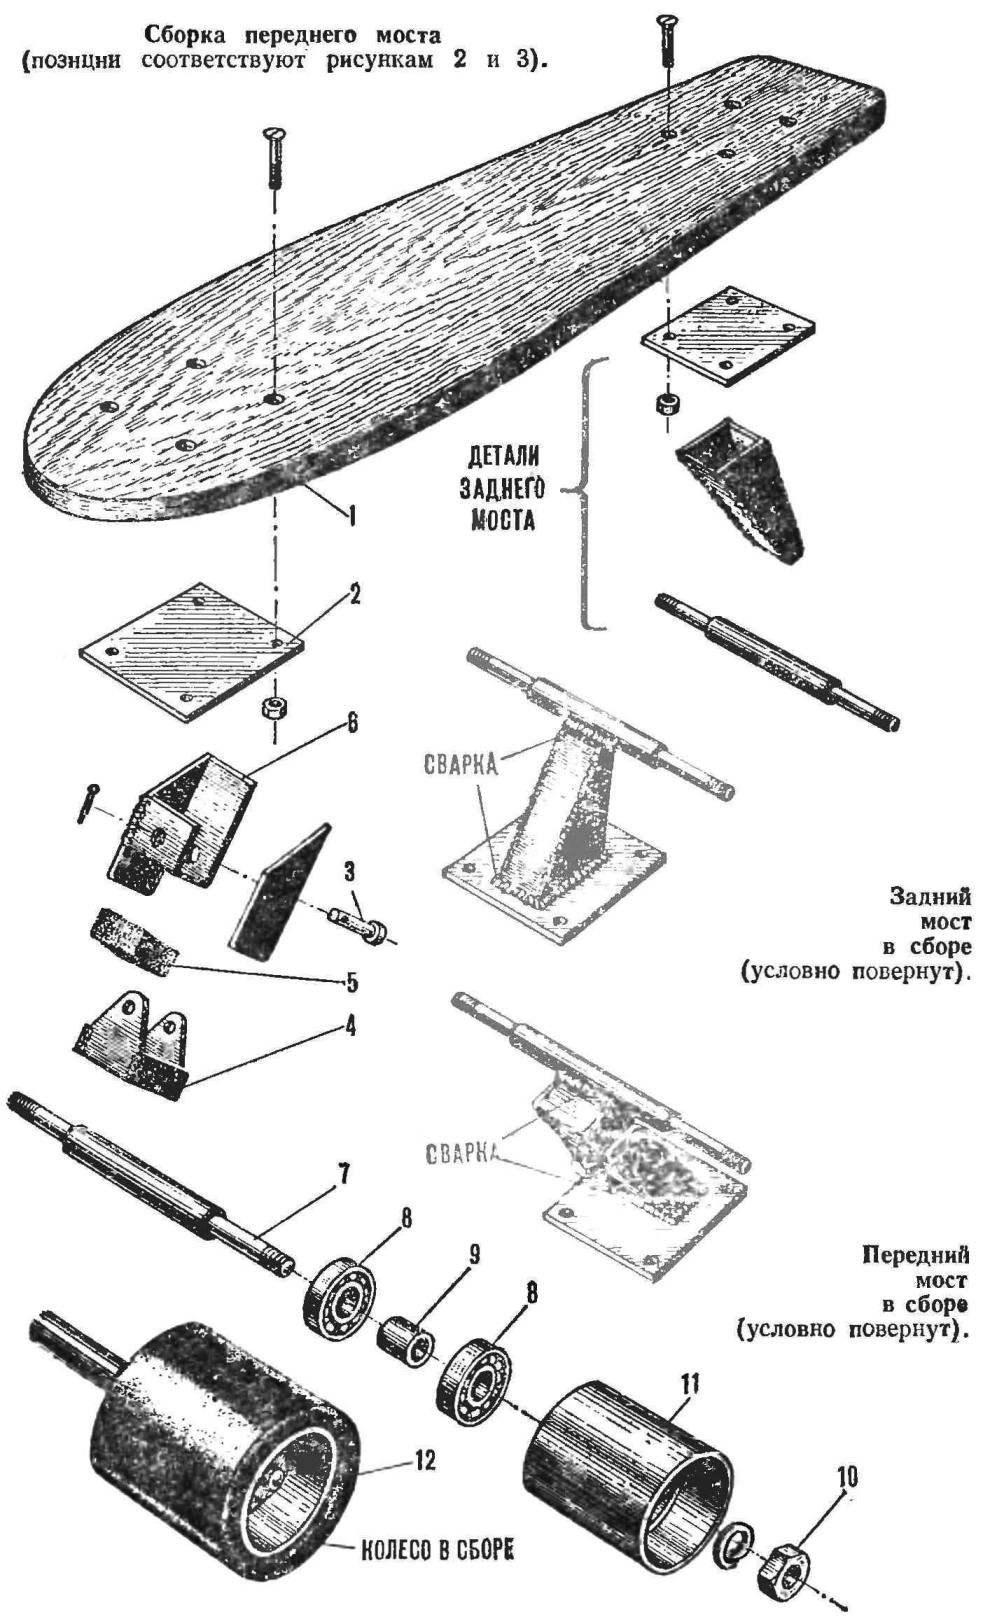 Рис. 4. Асфальтовый серфер, схема сборки (2-я деталь — 2 шт.).